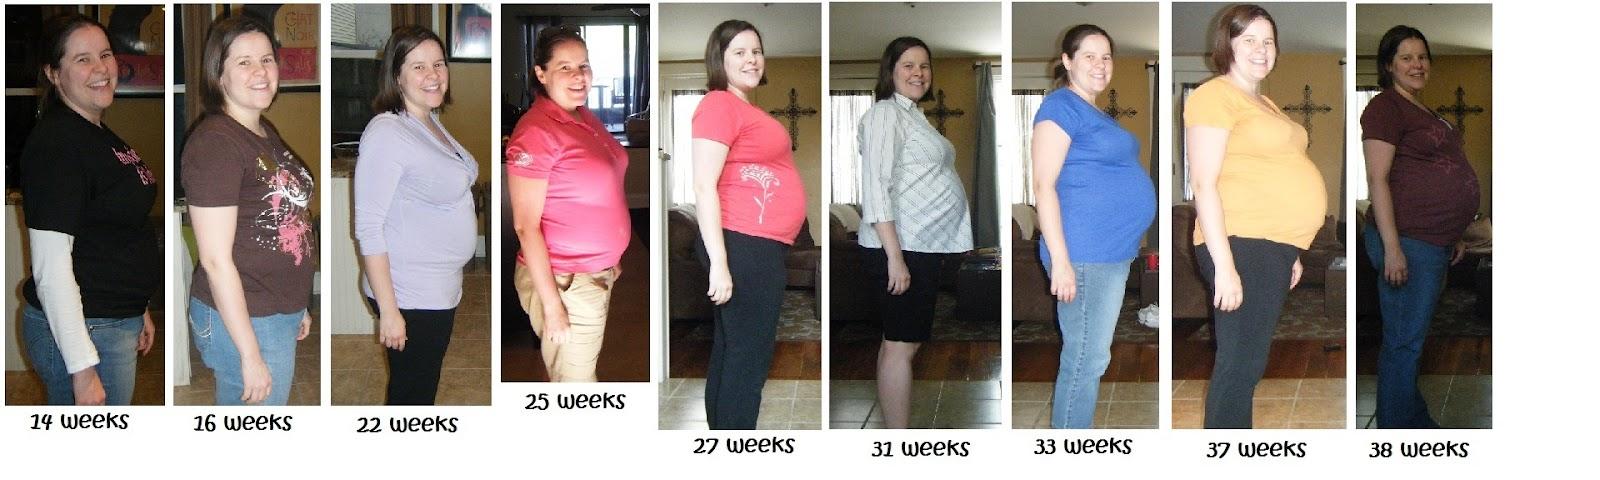 Weight Gain: Weight Gain Progression